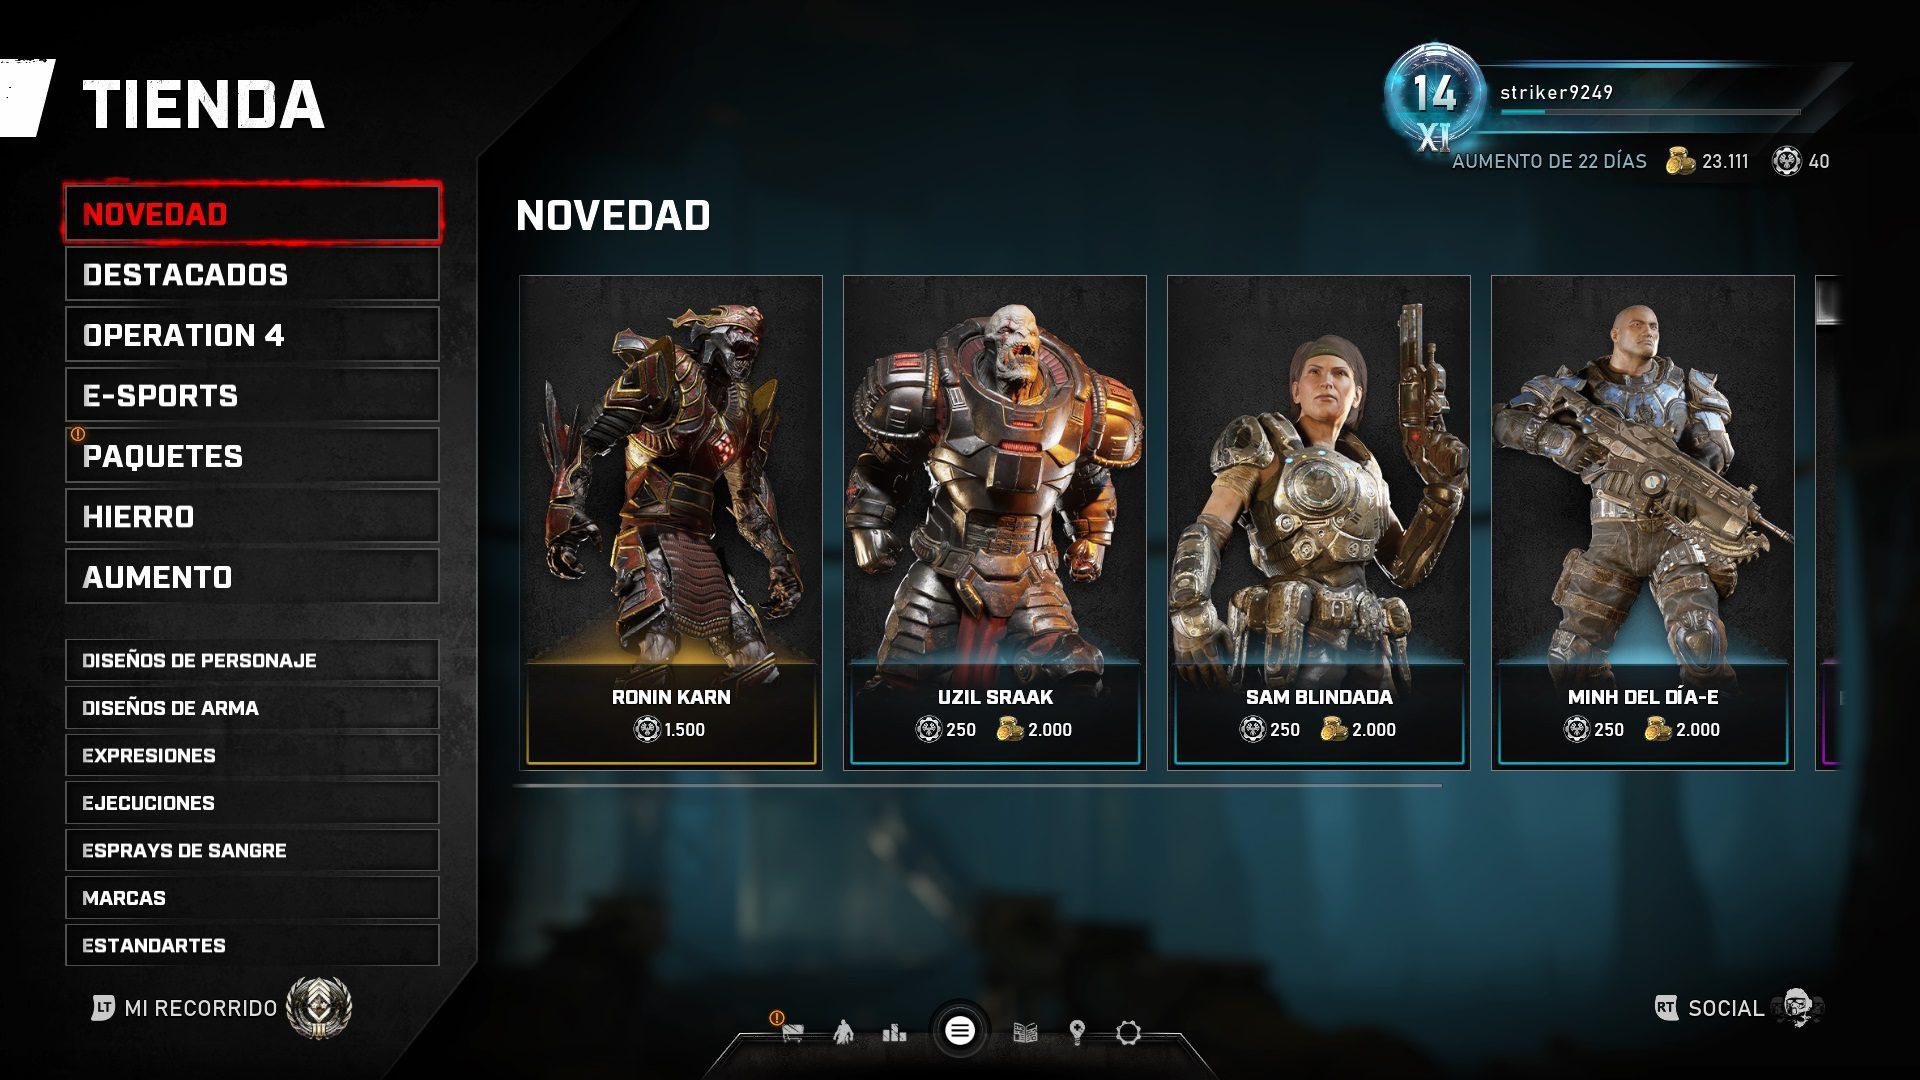 """Los últimos personajes de la """"Operación 4"""" de Gears 5 ya están disponibles para todos"""